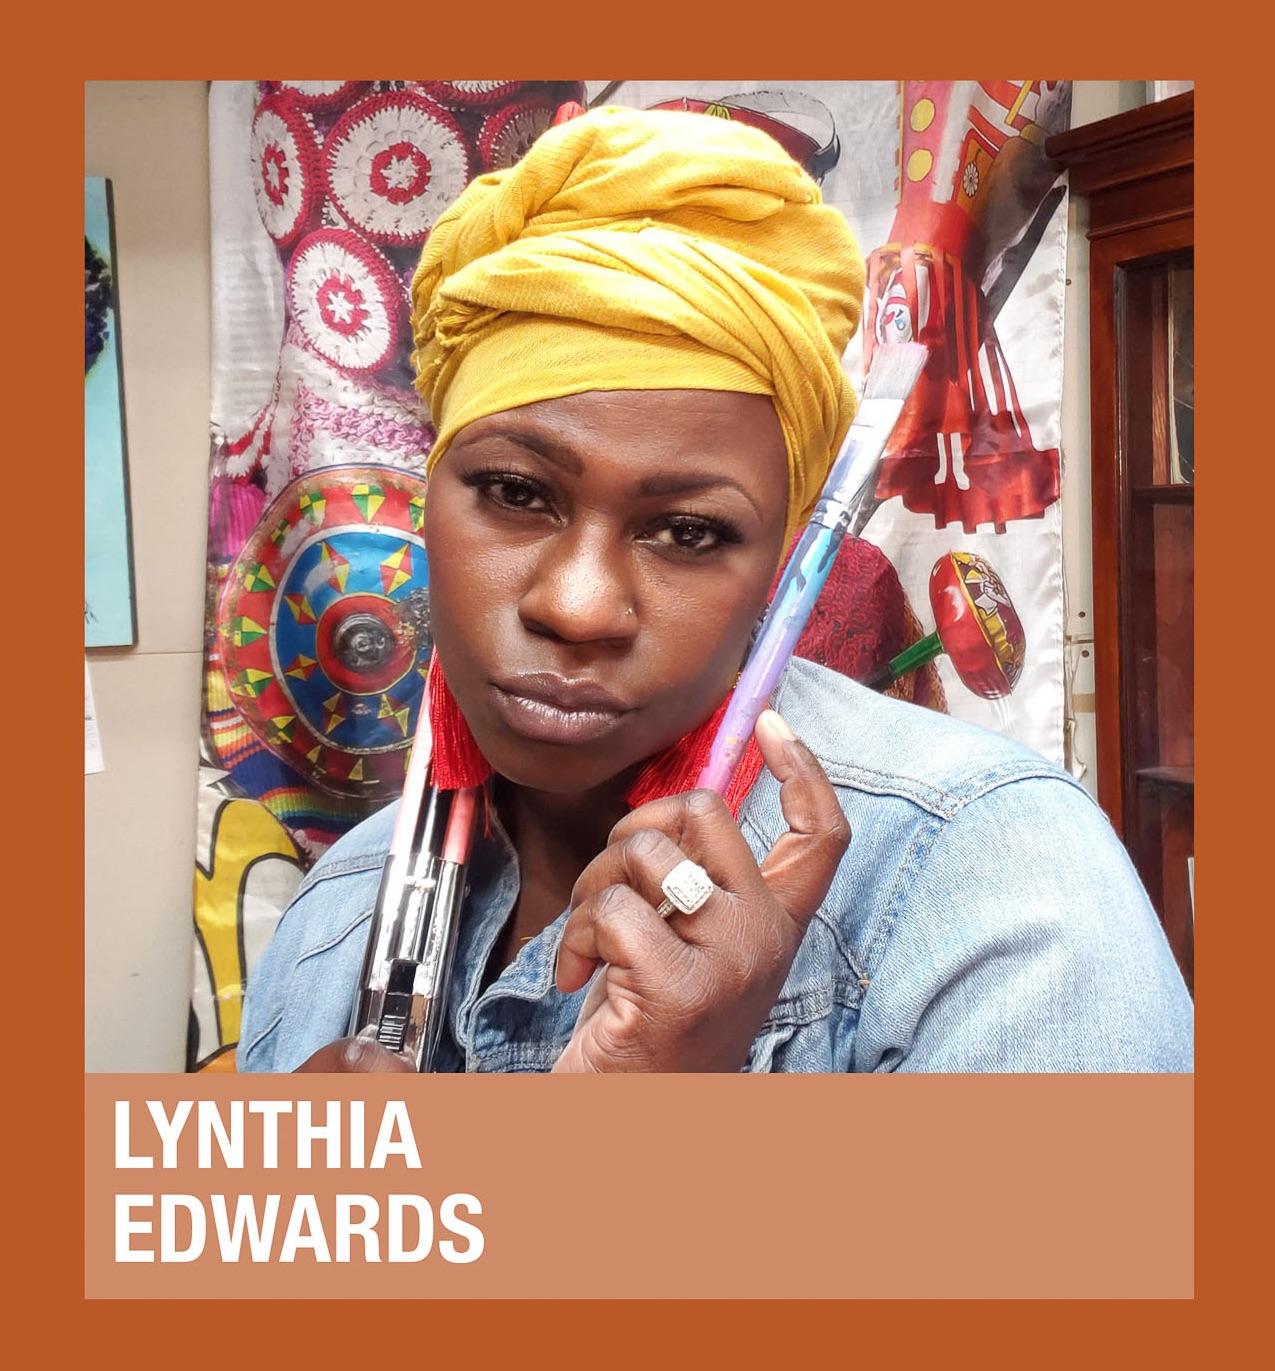 Lynthia Edwards